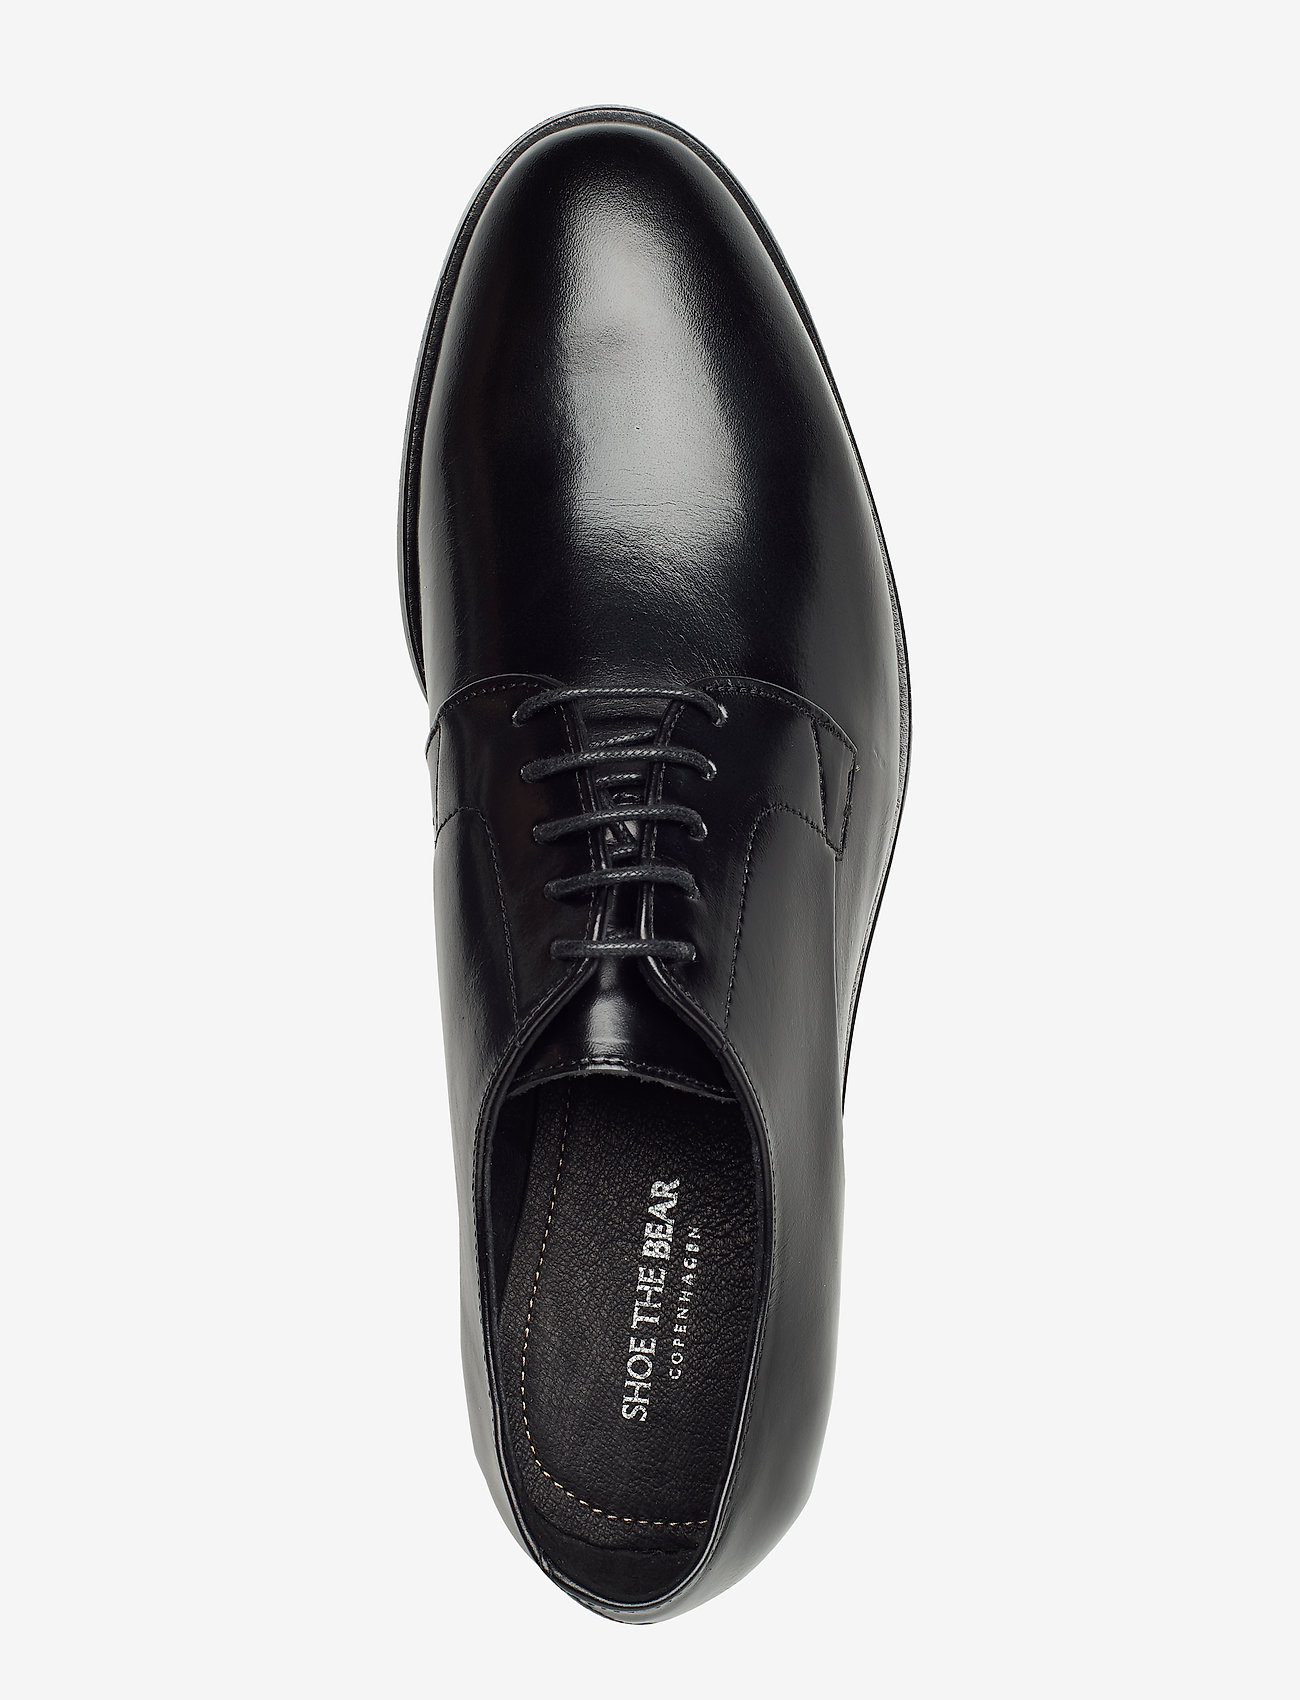 Stb-rampling L (Black) (1099 kr) - Shoe The Bear